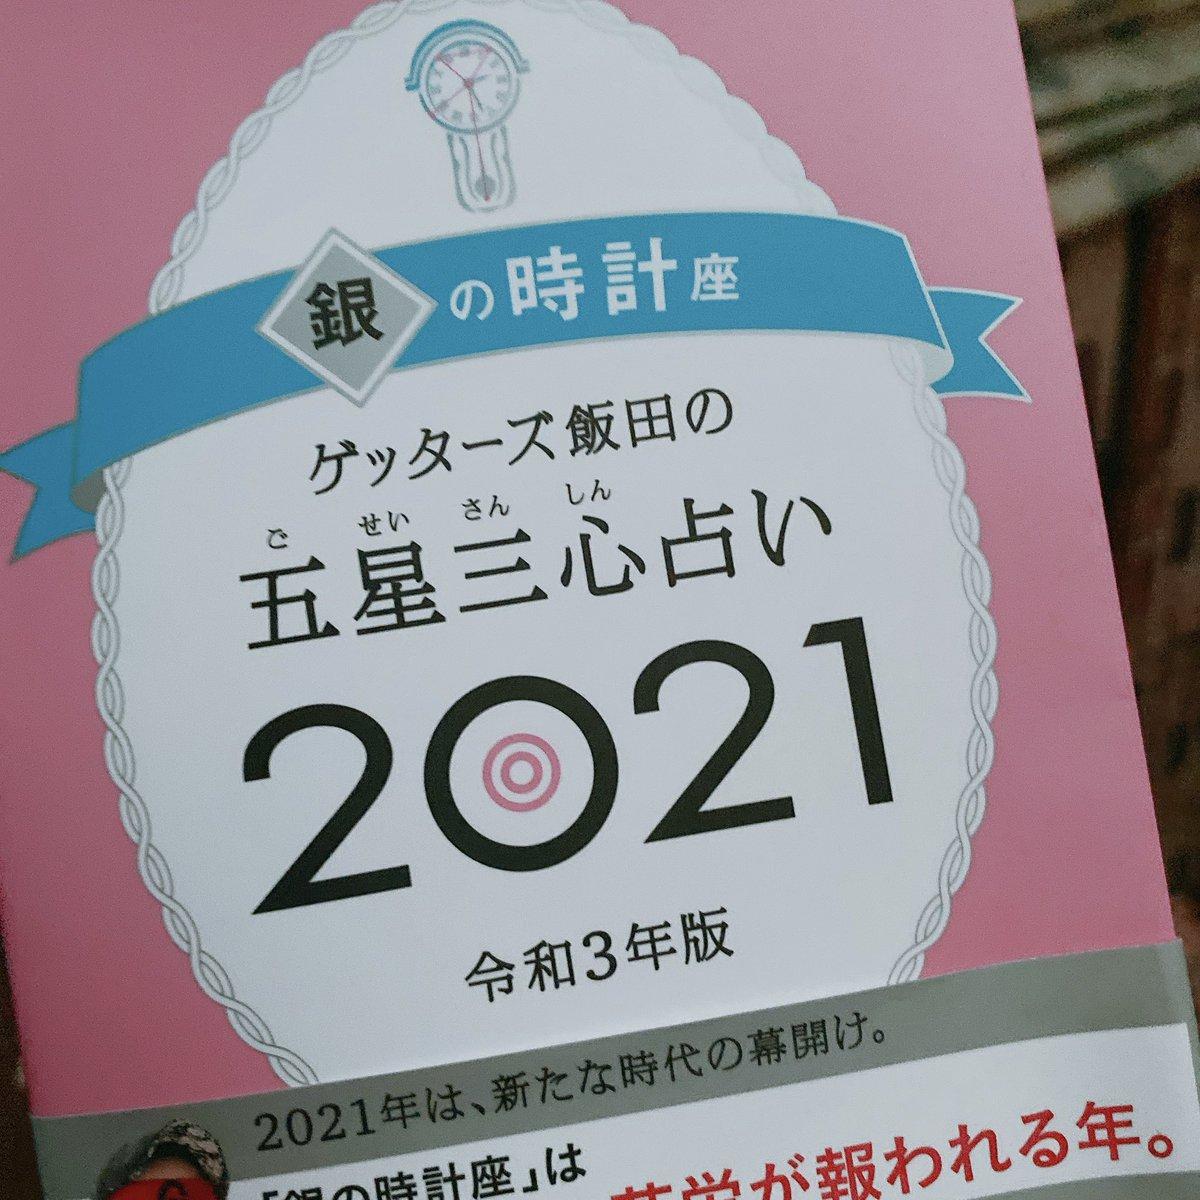 2021 時計 座 銀 の